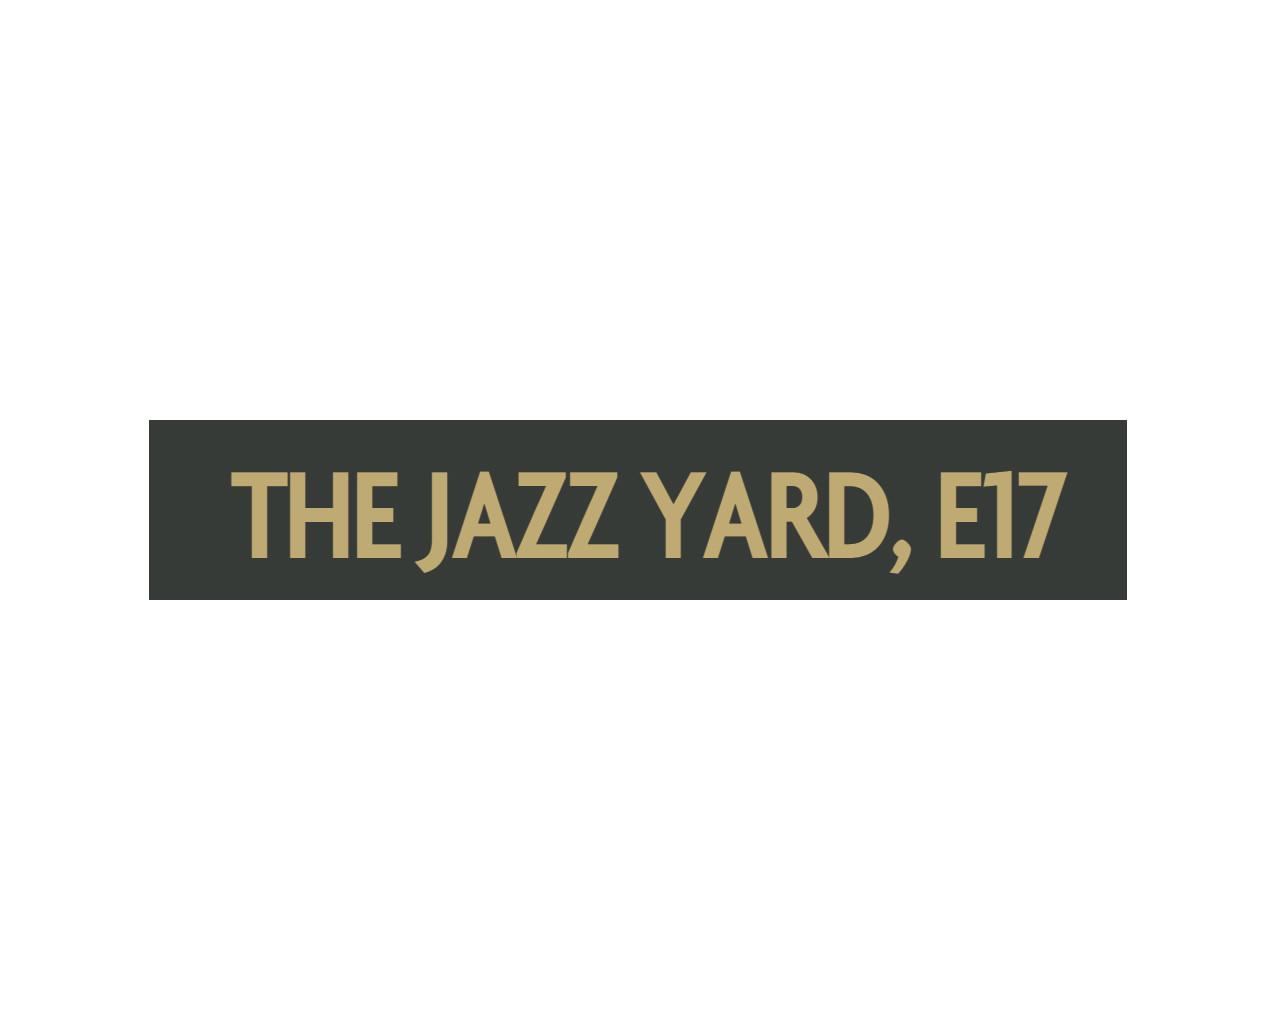 The Jazz Yard development from Sixty Bricks.